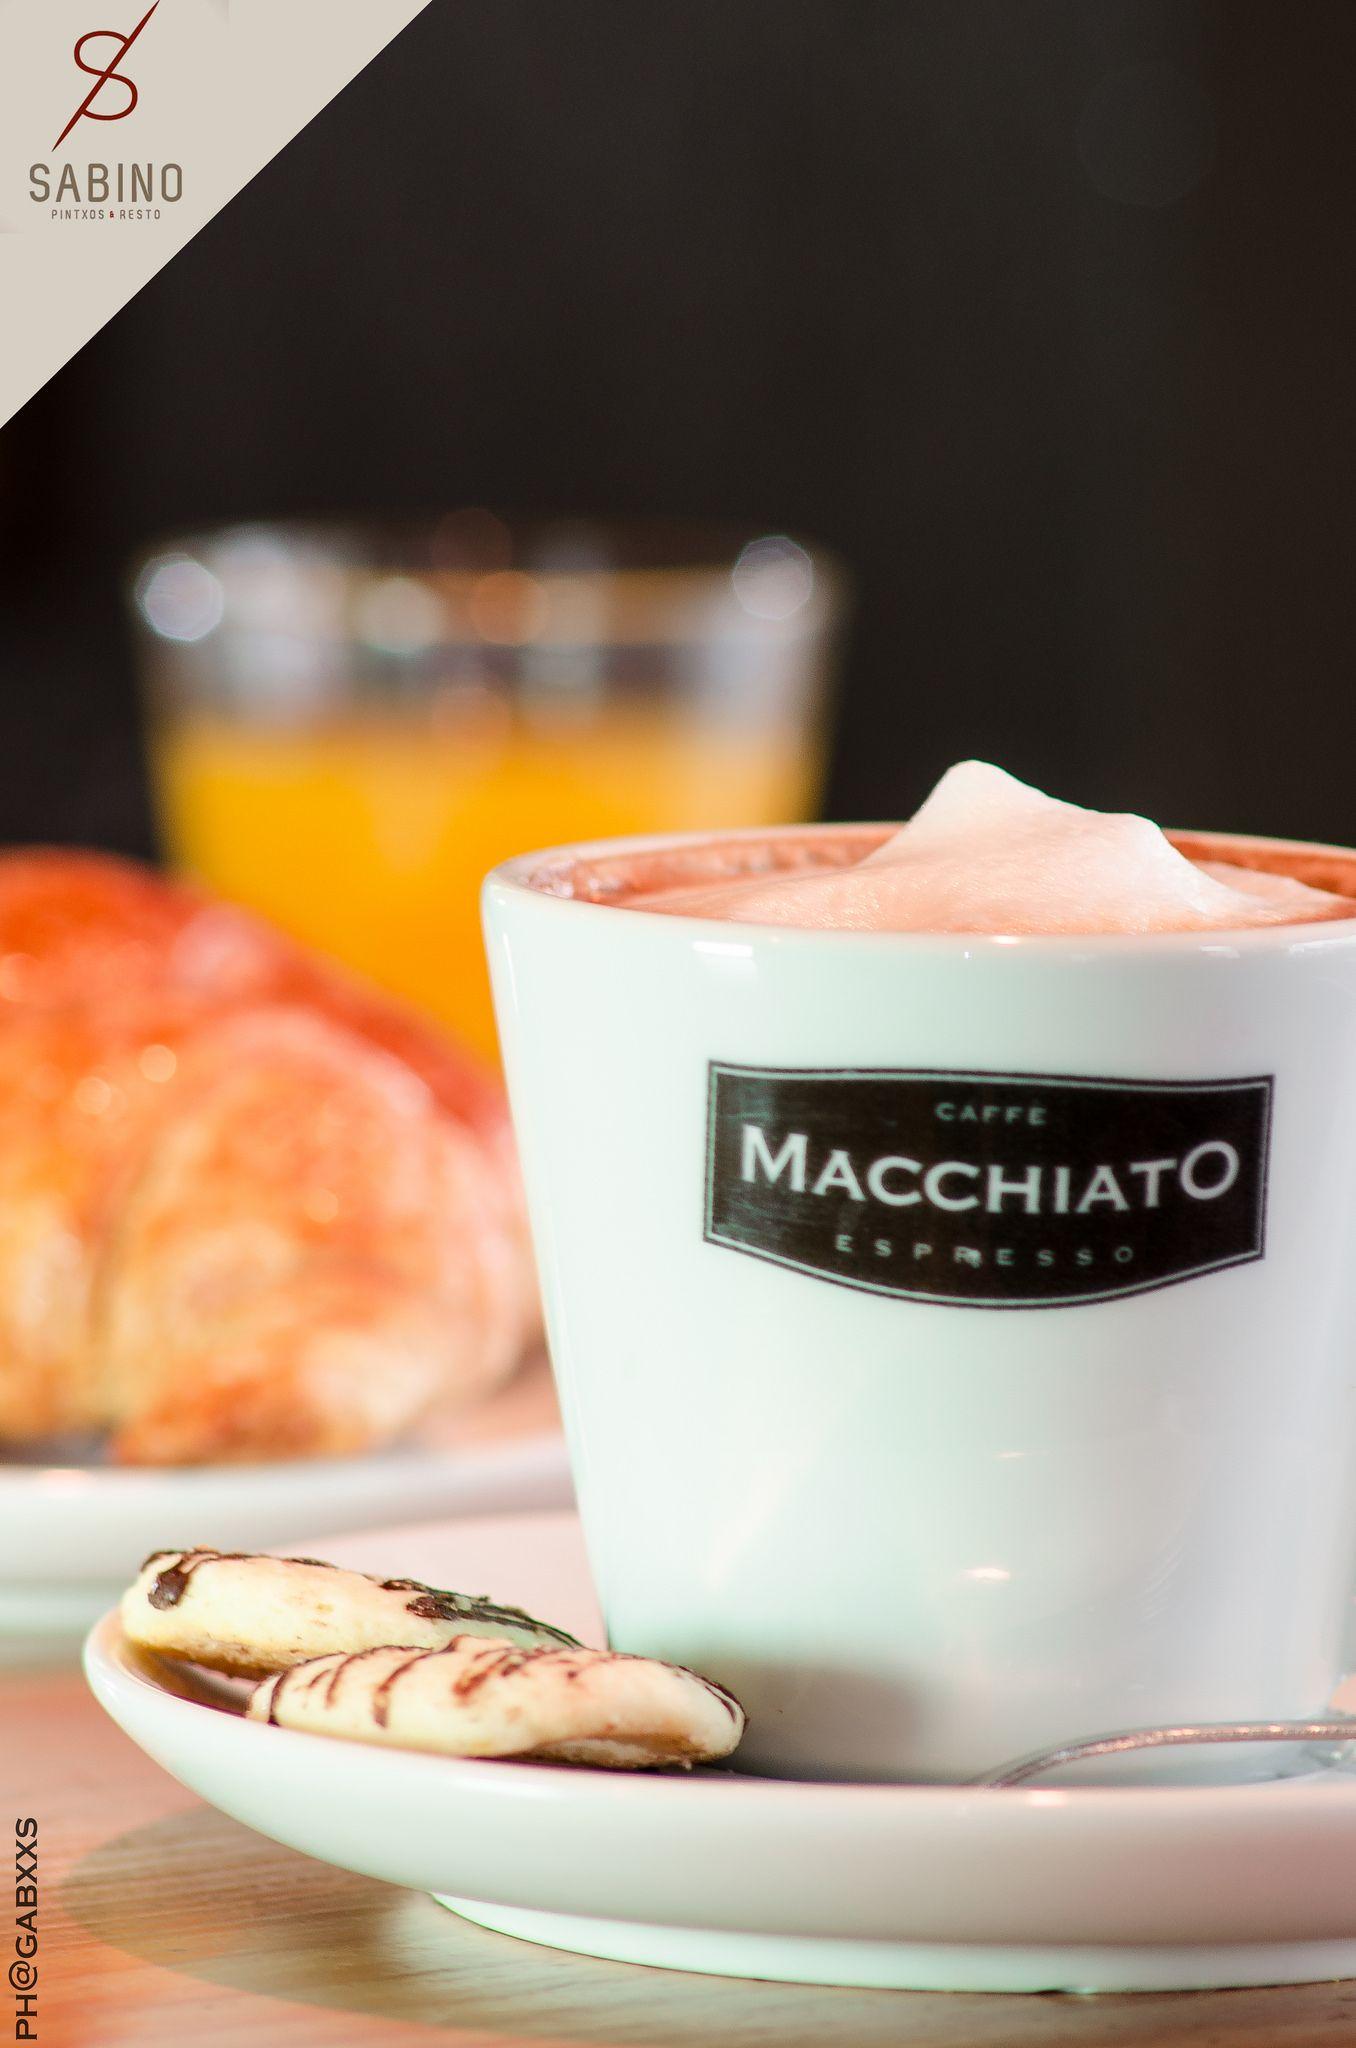 Fotografia Gastronómica ,té, invierno, cálido,cafe Gabxxs (Fotografia). infogabxxs@gmail.com